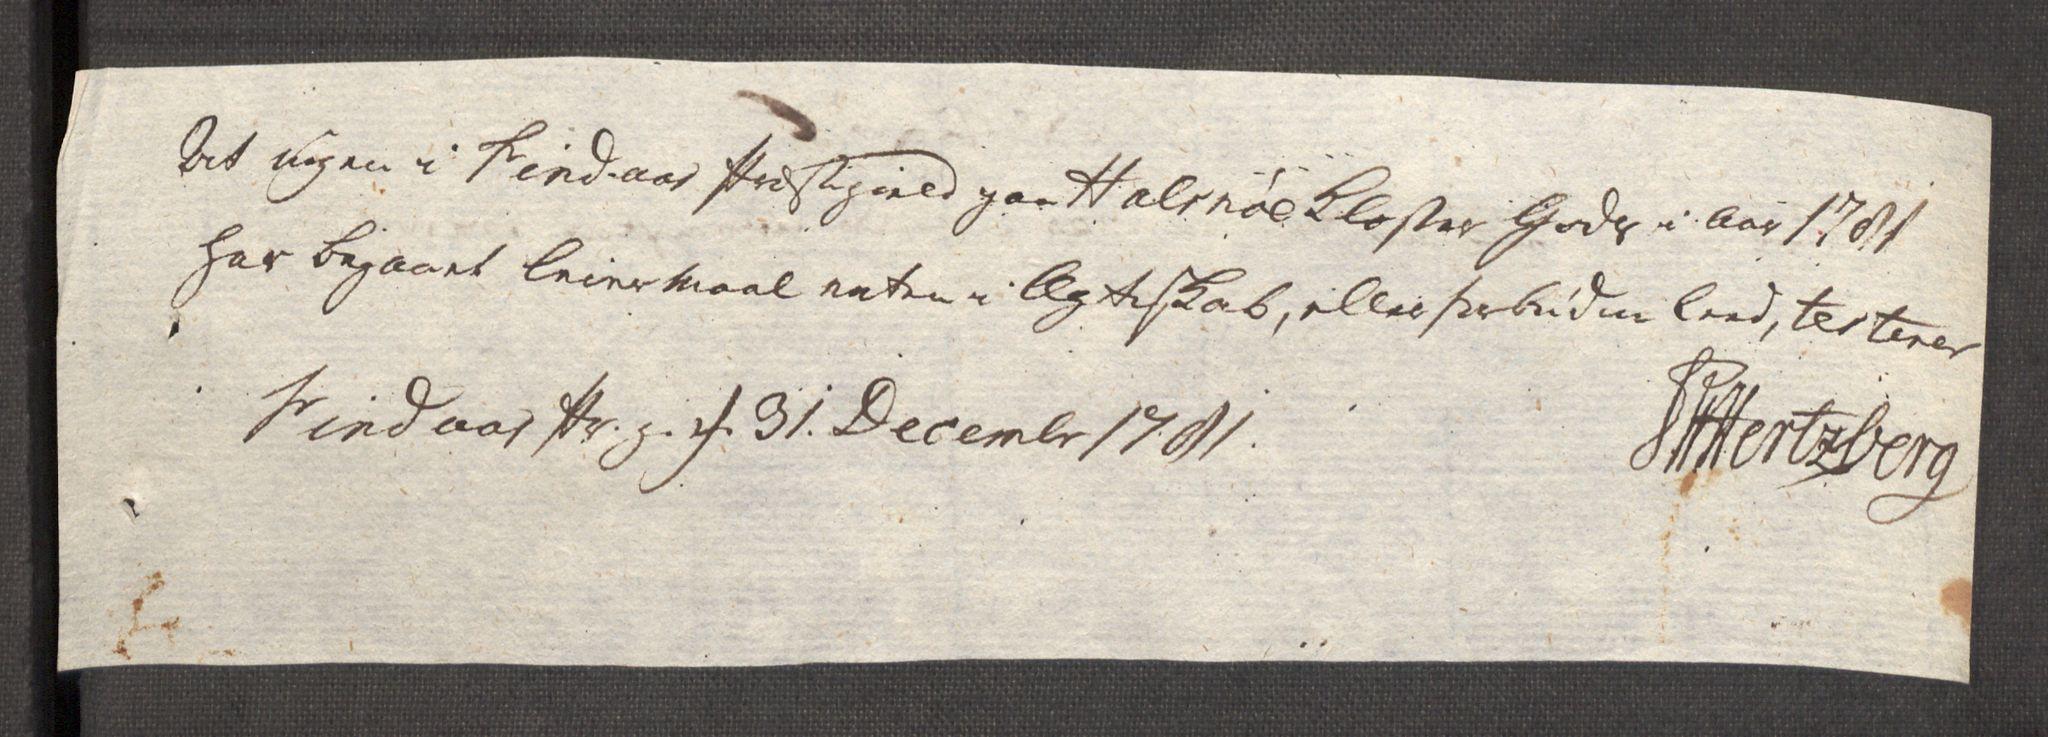 RA, Rentekammeret inntil 1814, Reviderte regnskaper, Fogderegnskap, R48/L3097: Fogderegnskap Sunnhordland og Hardanger, 1781, s. 276